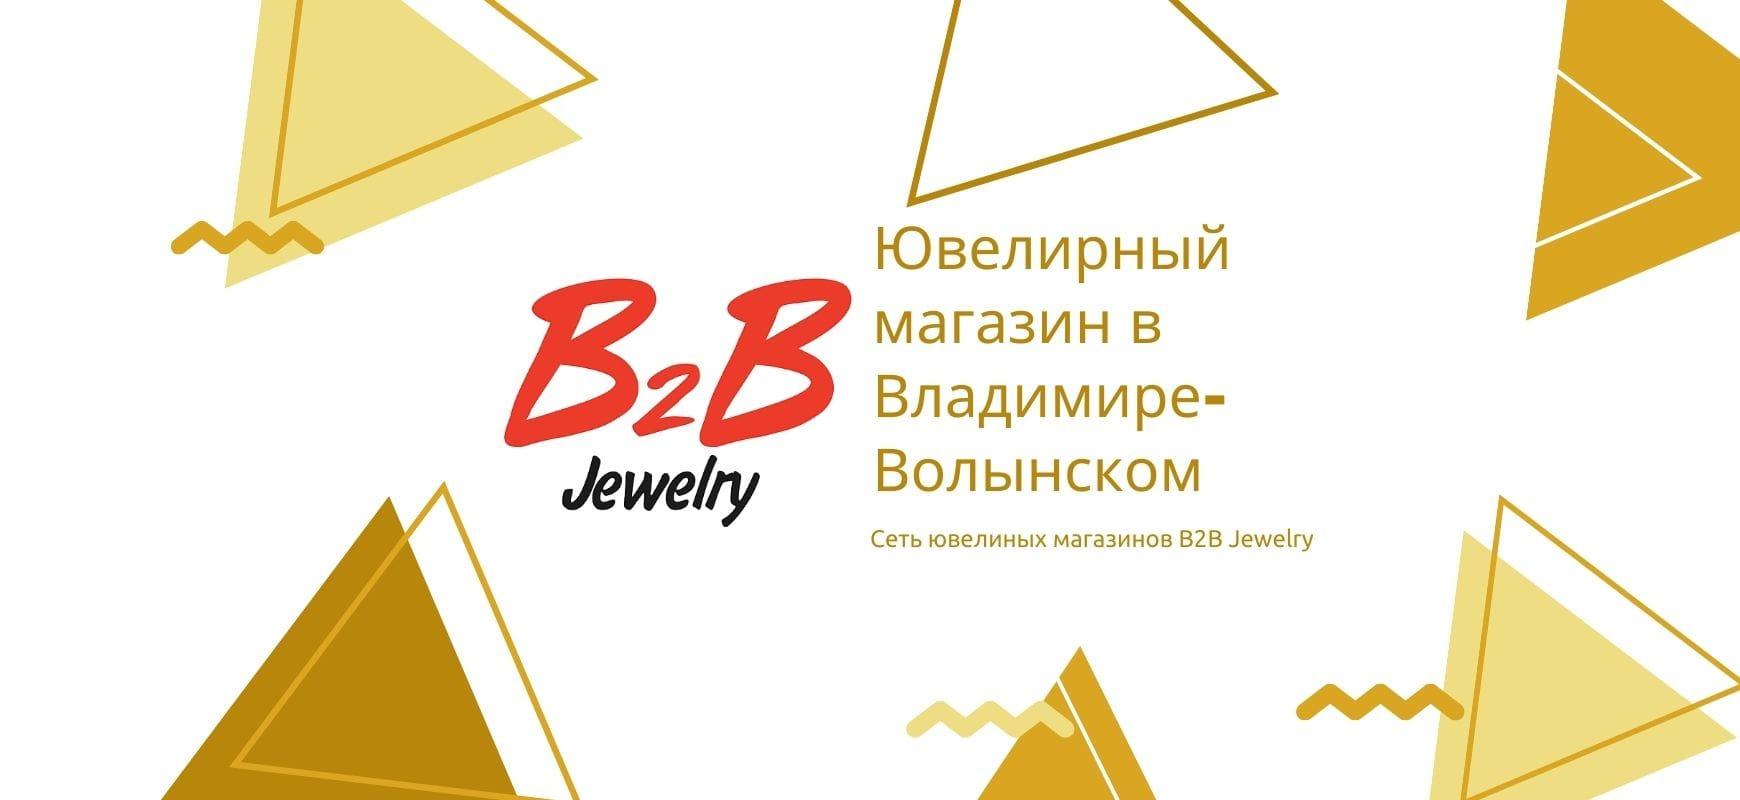 B2B JEWELRY ВЛАДИМИР-ВОЛЫНСКИЙ